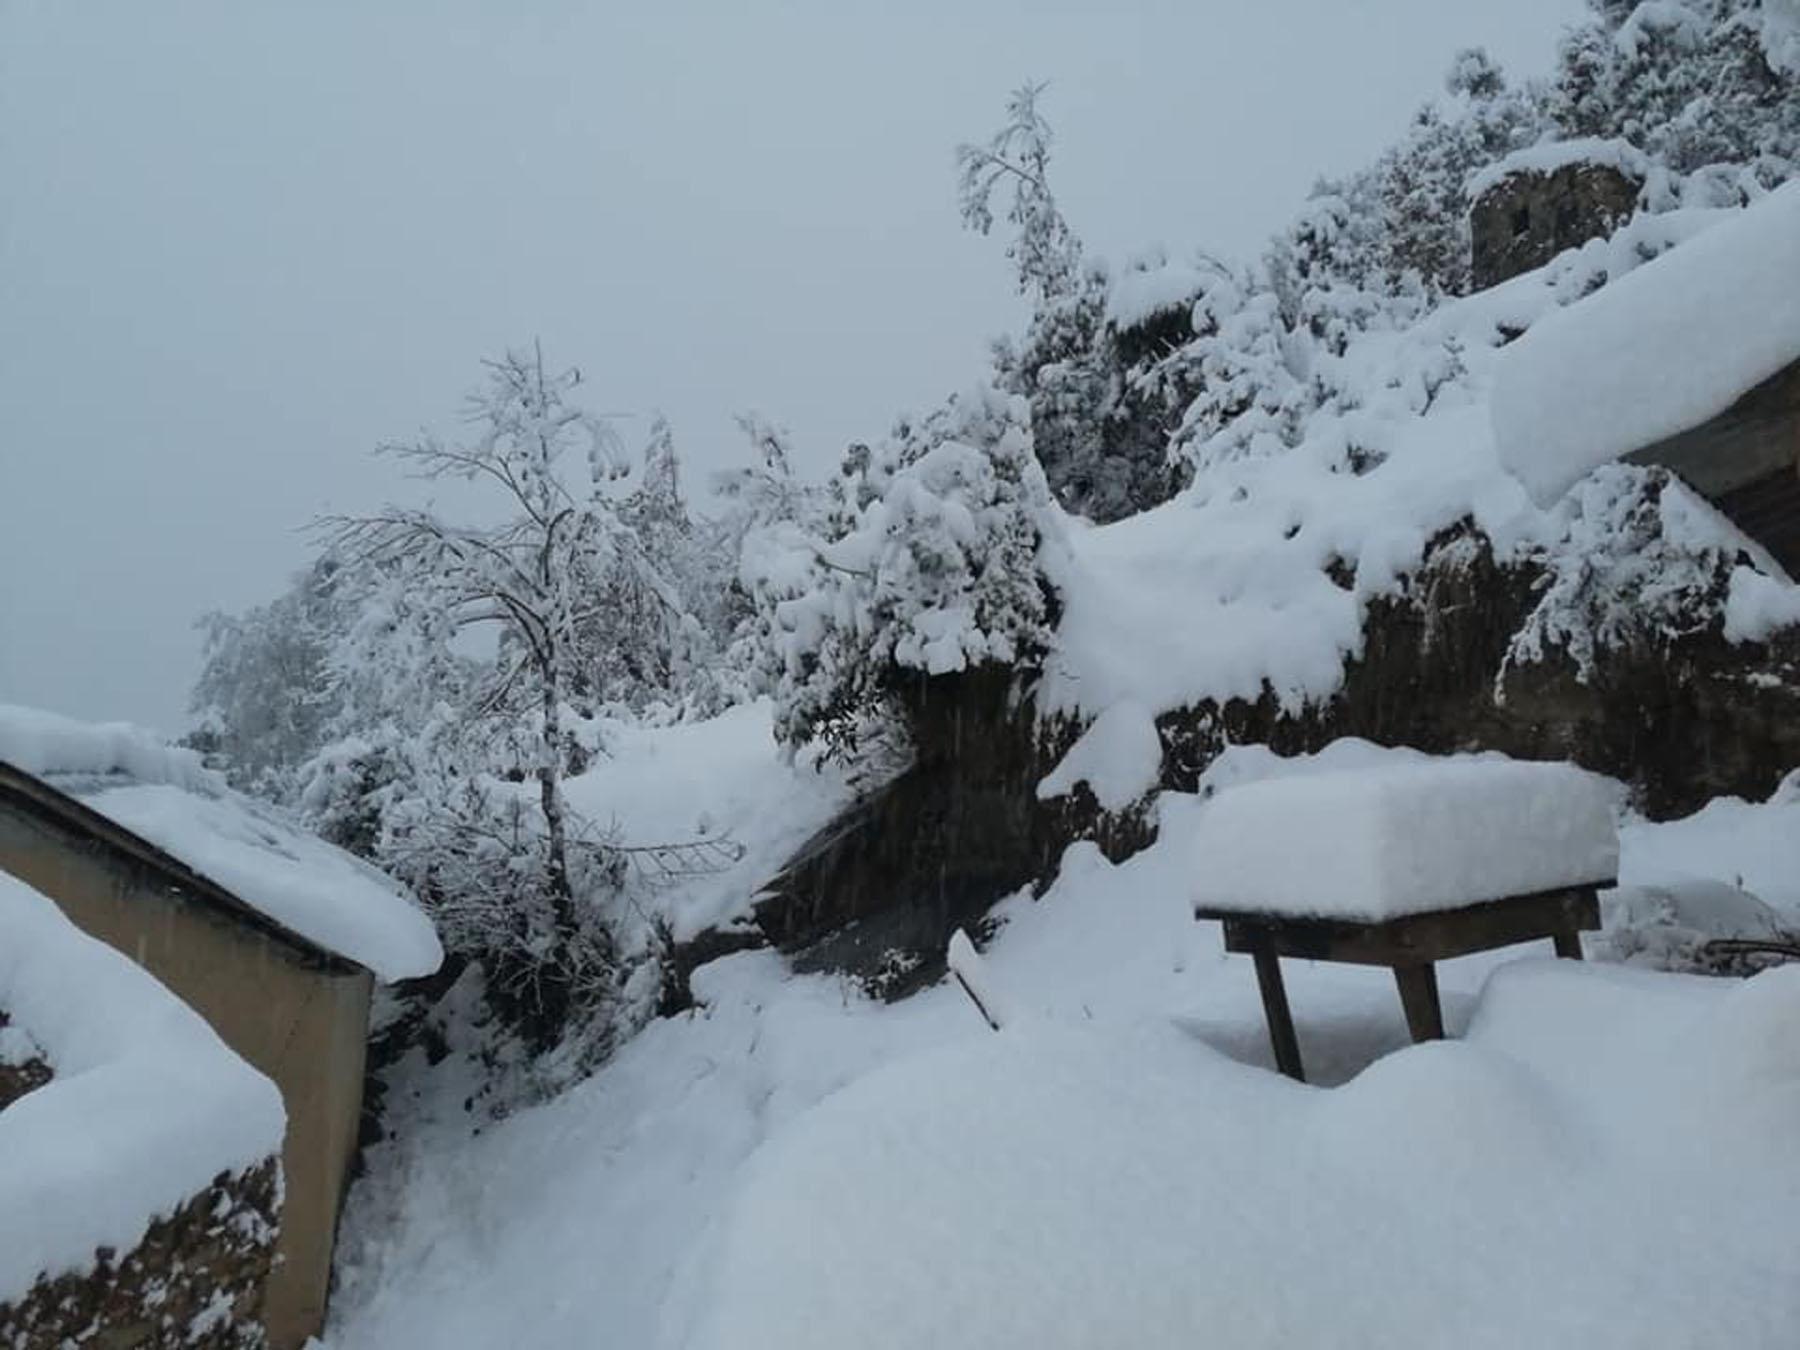 सुदूरपश्चिममा हिमपात जनजीवन प्रभावित